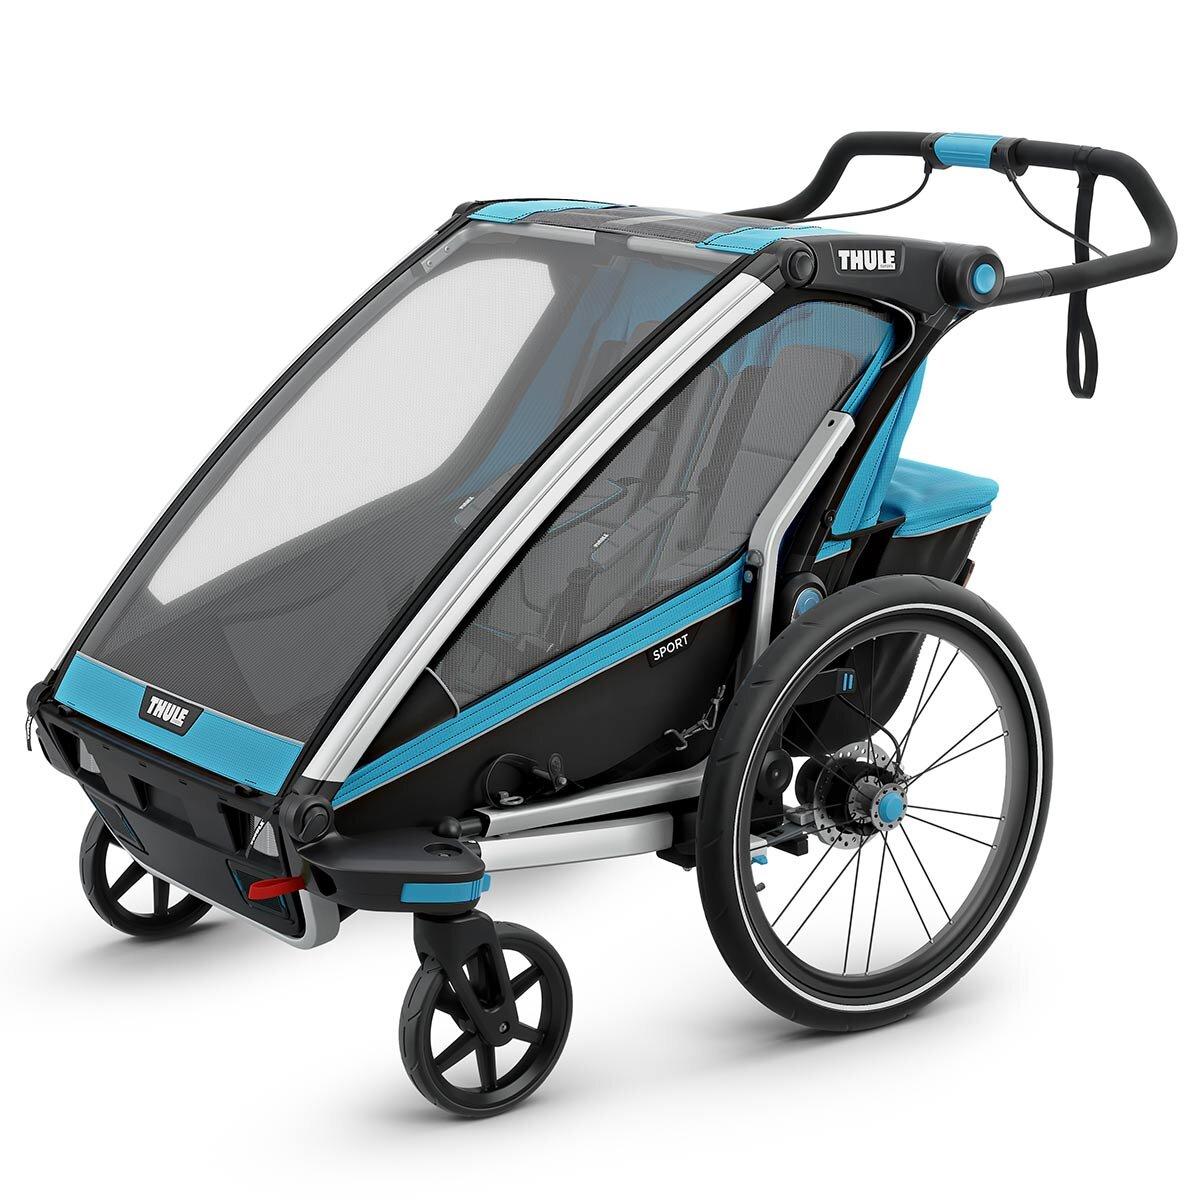 Thule Chariot Sport 2 Fahrradanhänger Modell 2019 Blue / Black